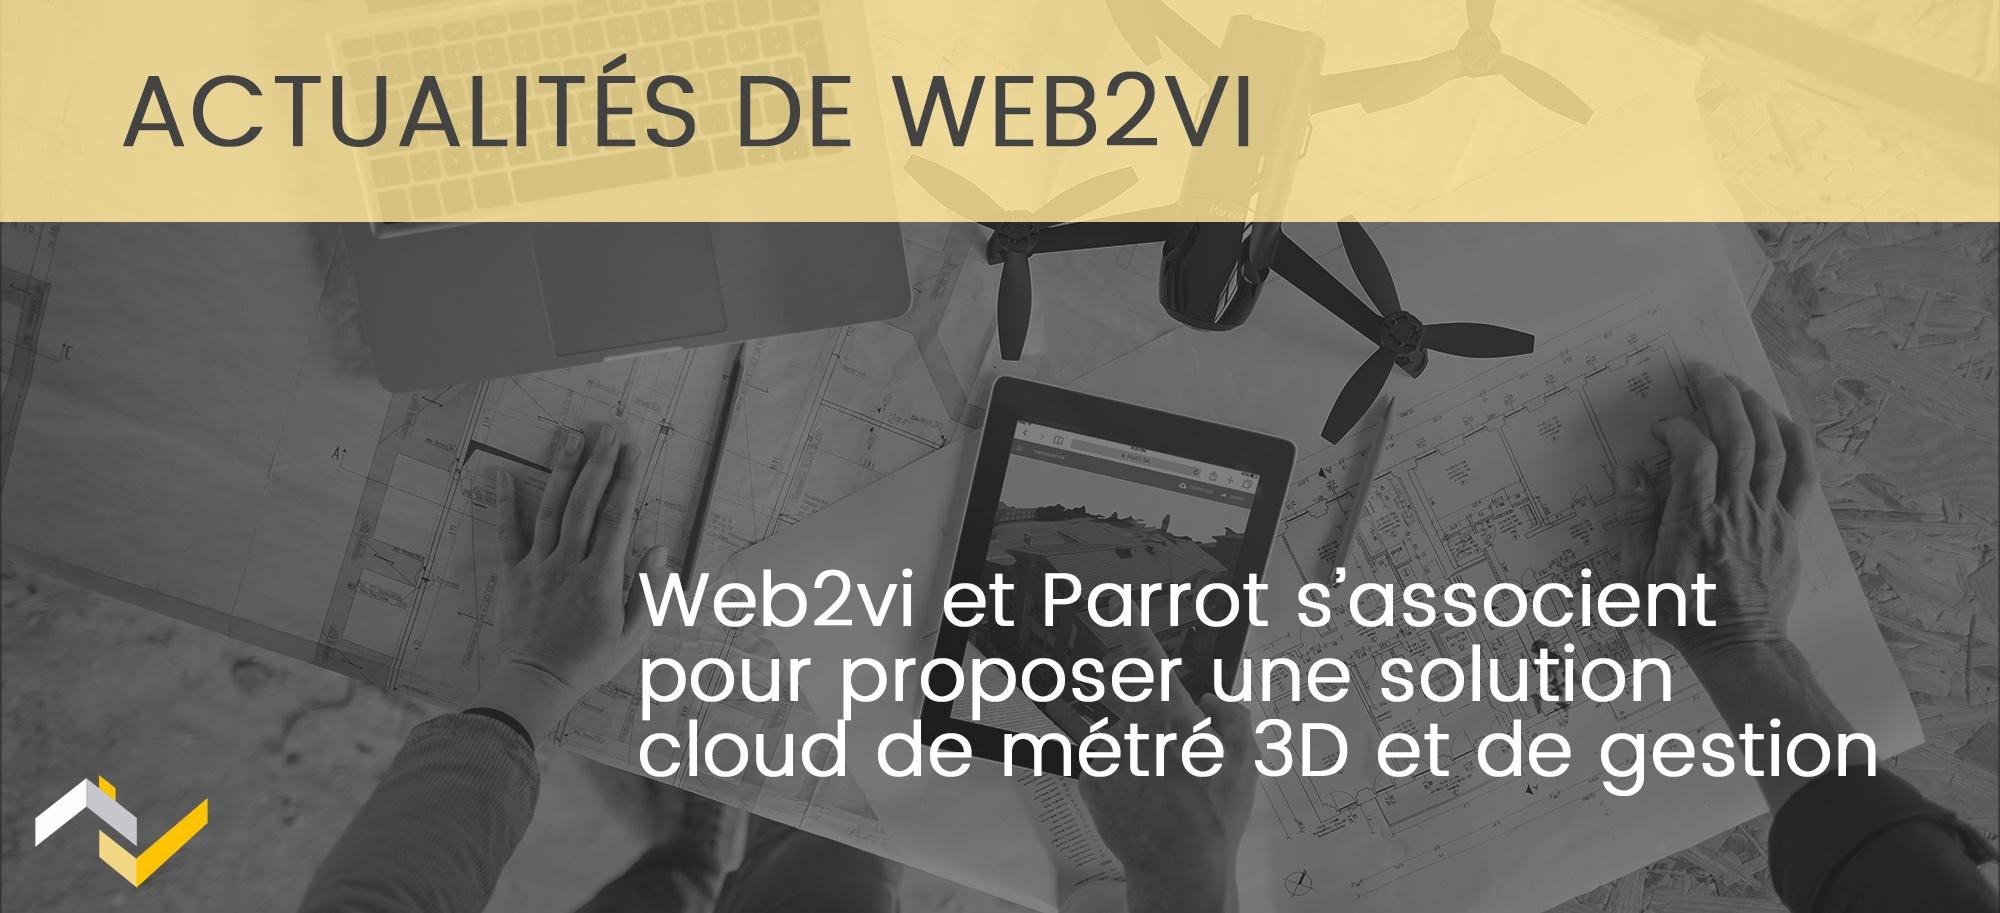 Web2vi et Parrot s'associent autour d'une solution cloud de métré 3D et de gestion